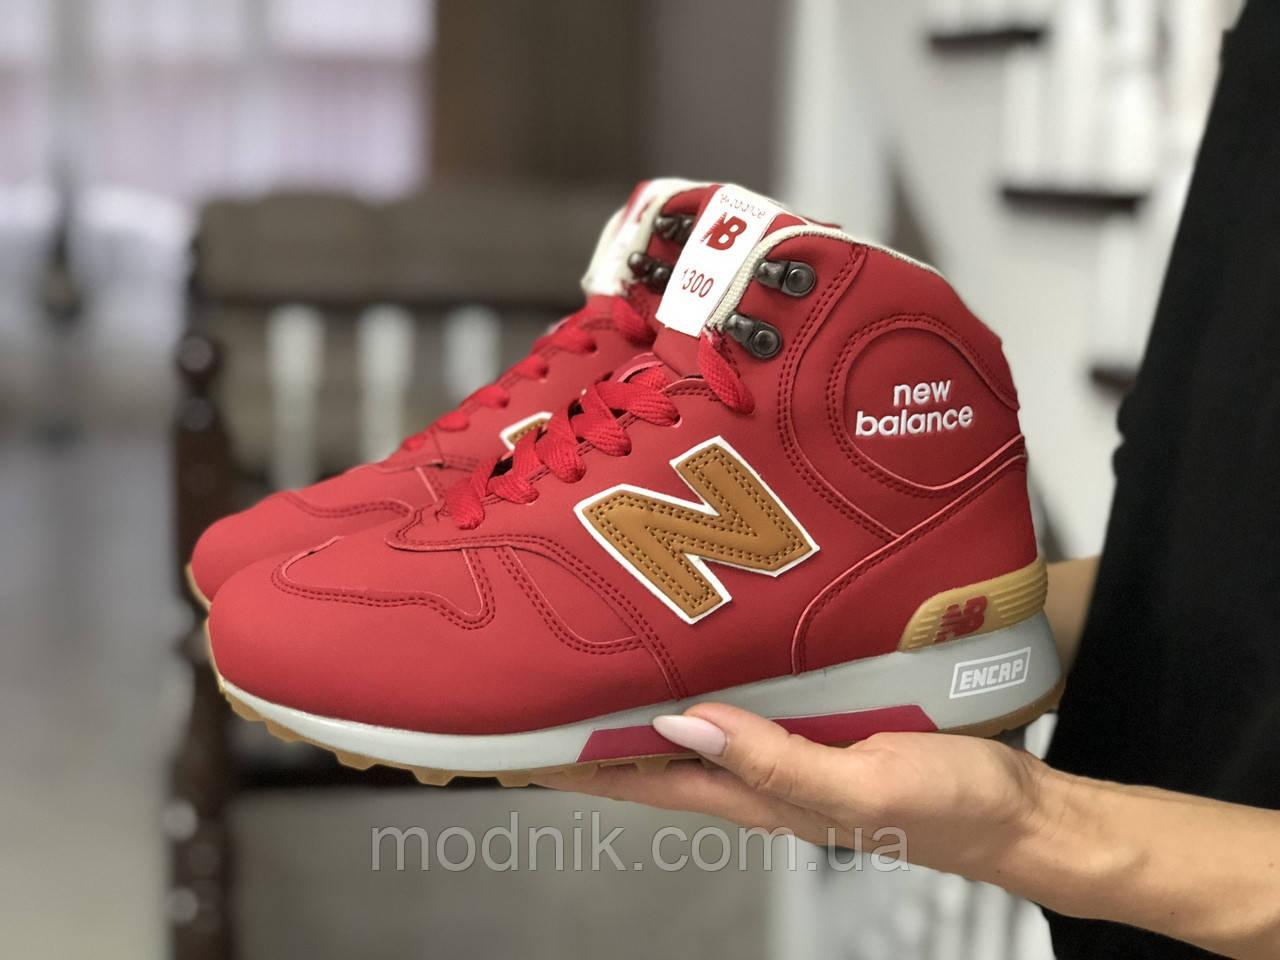 Женские зимние кроссовки New balance 1300 (красные)